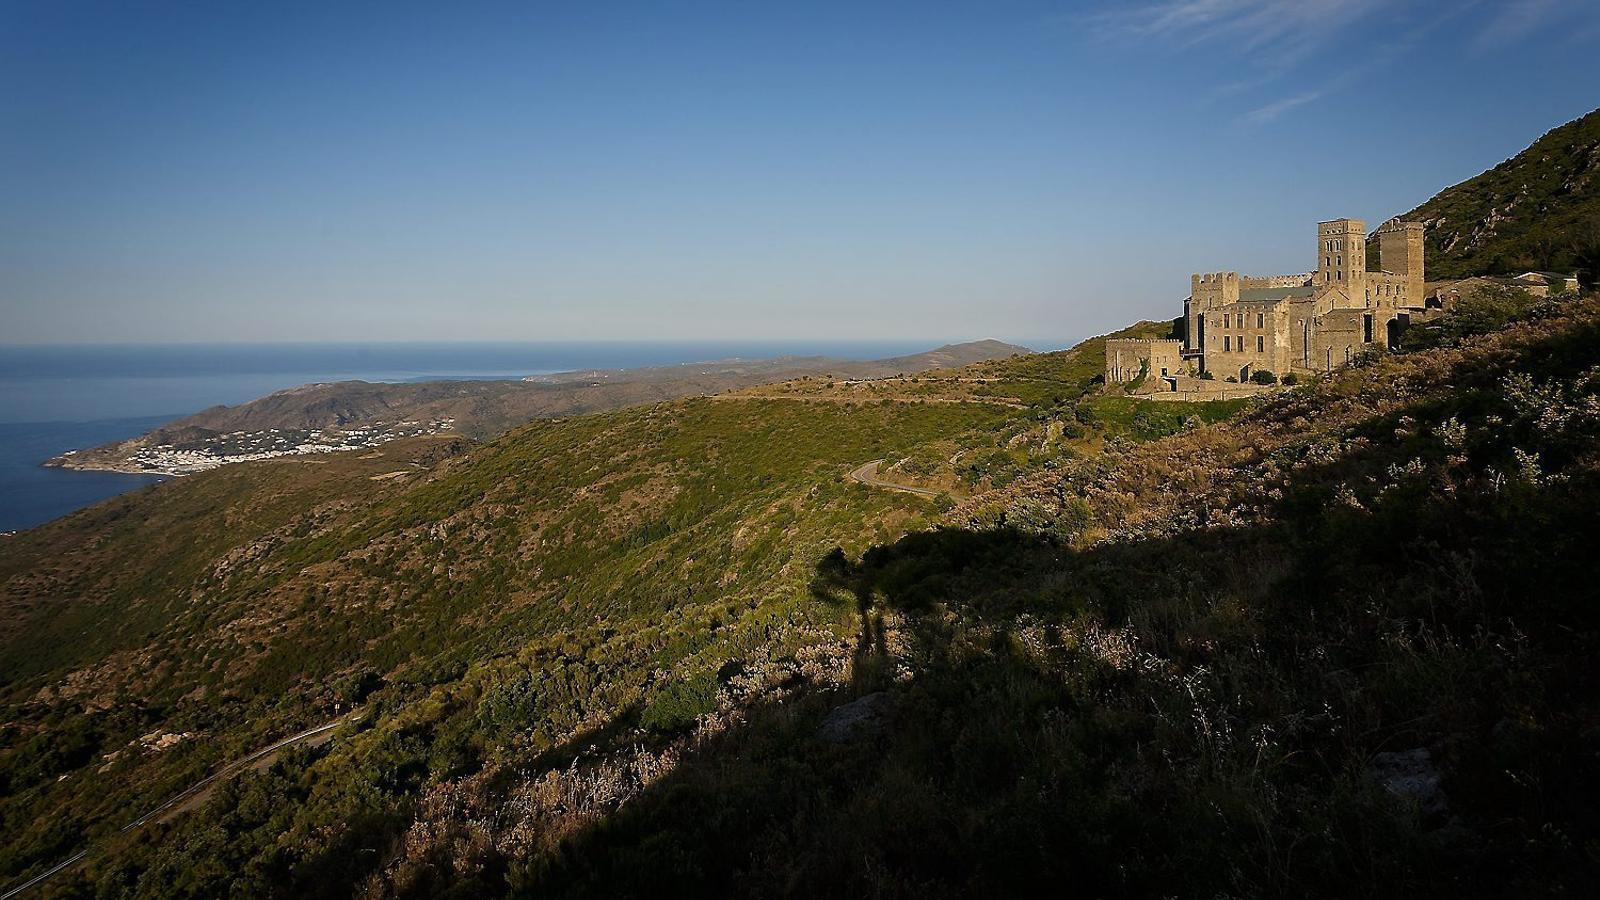 Les vistes espectaculars que ofereix el monestir als visitants contrasten amb la duresa del clima  de la zona.